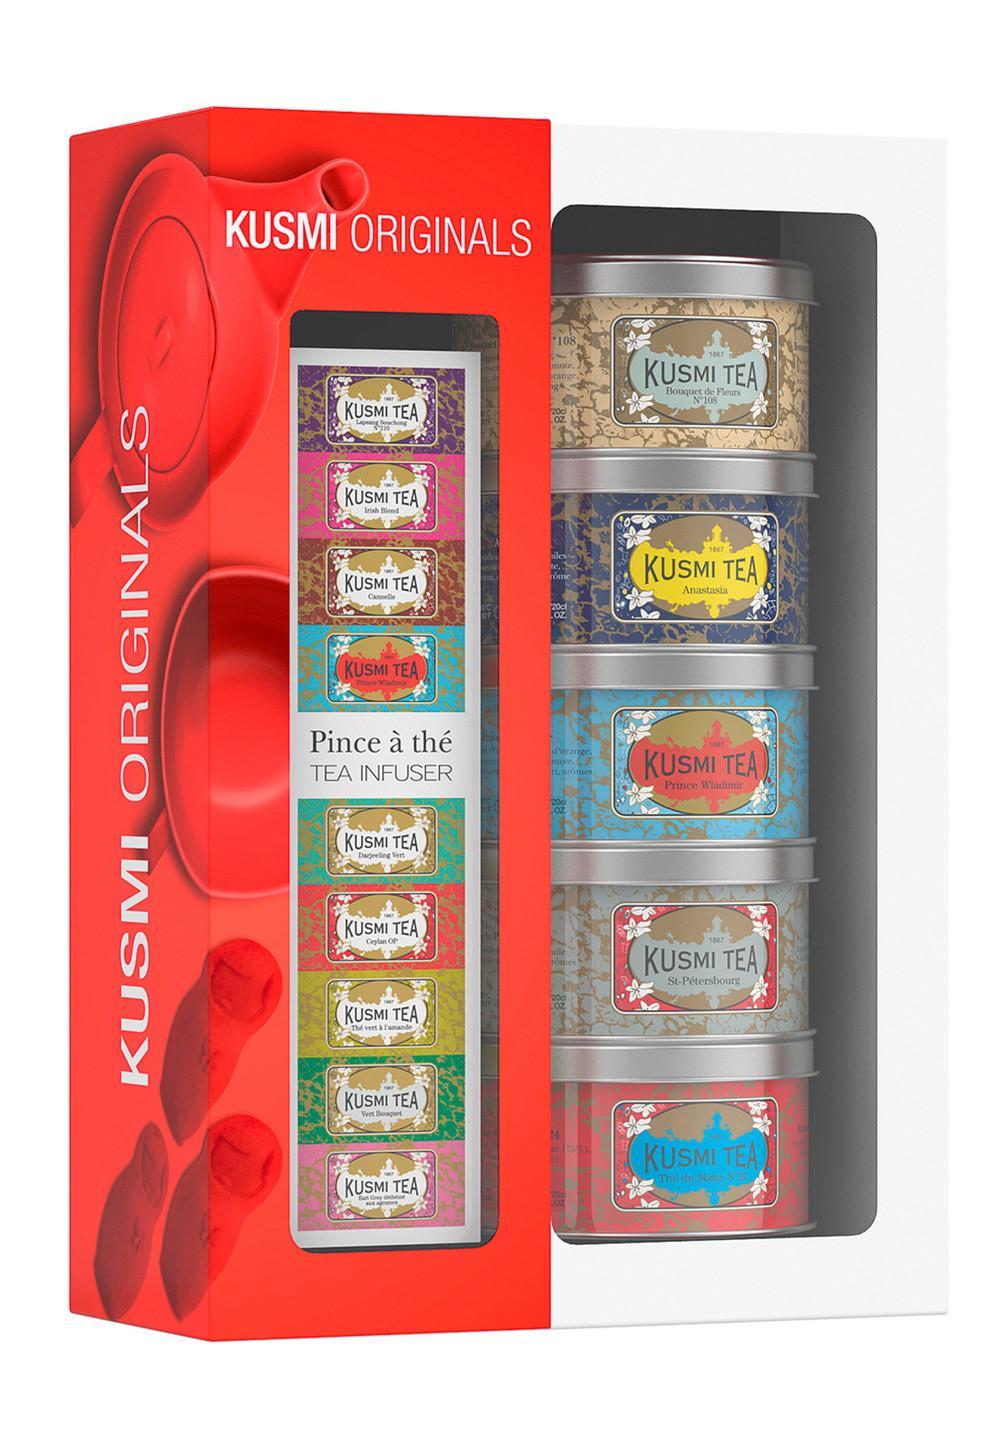 ロシアンブレンド 25g x 5缶 インフューザー付き - #1